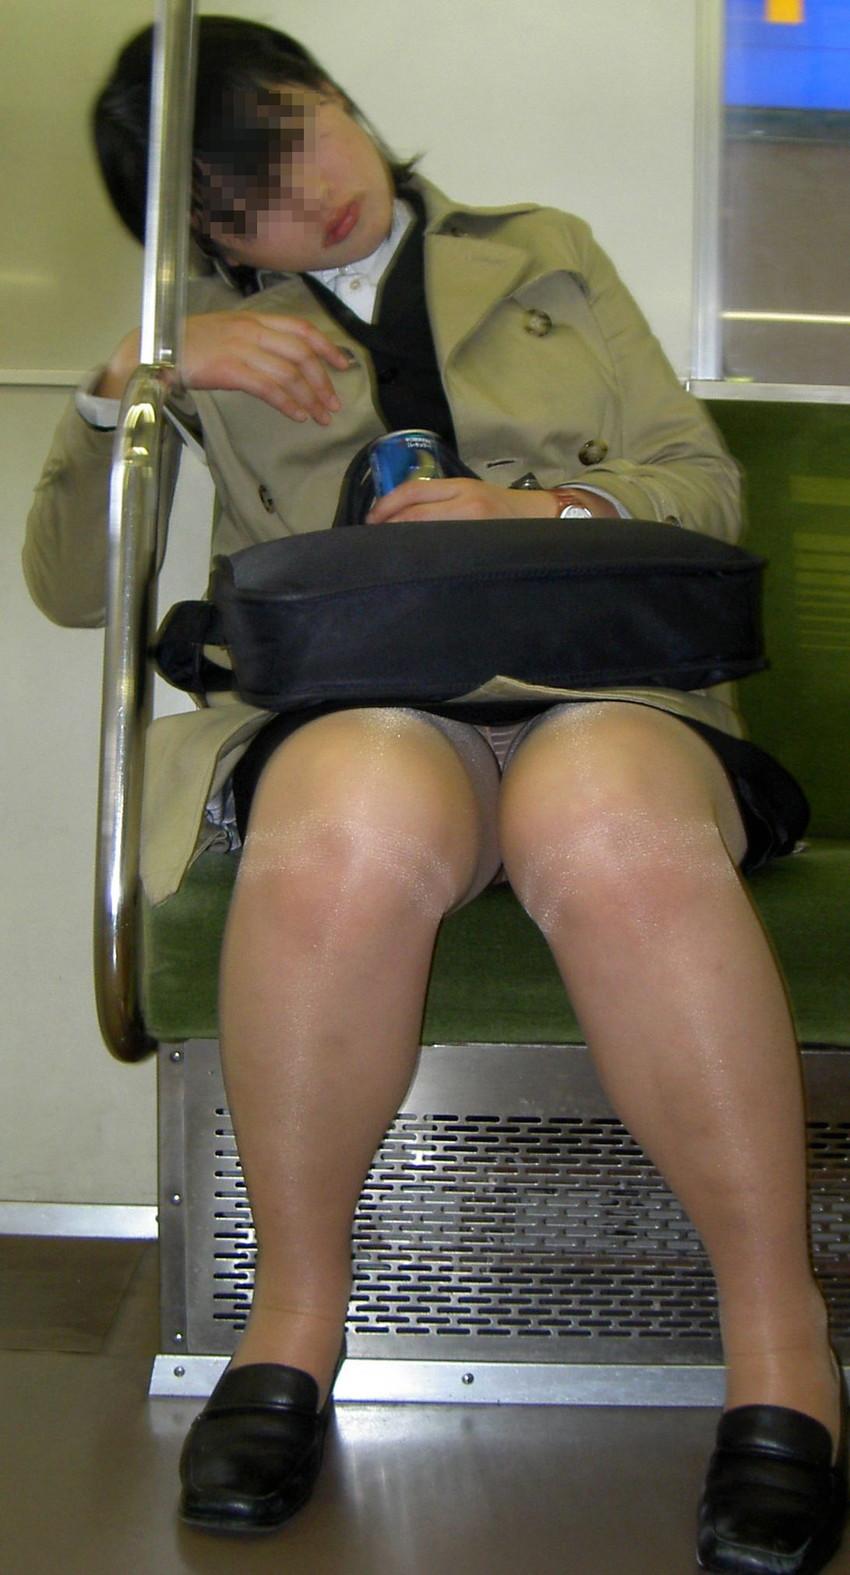 【盗撮エロ画像】電車で対面に座ったミニスカ女子のパンティー盗撮したった! 24